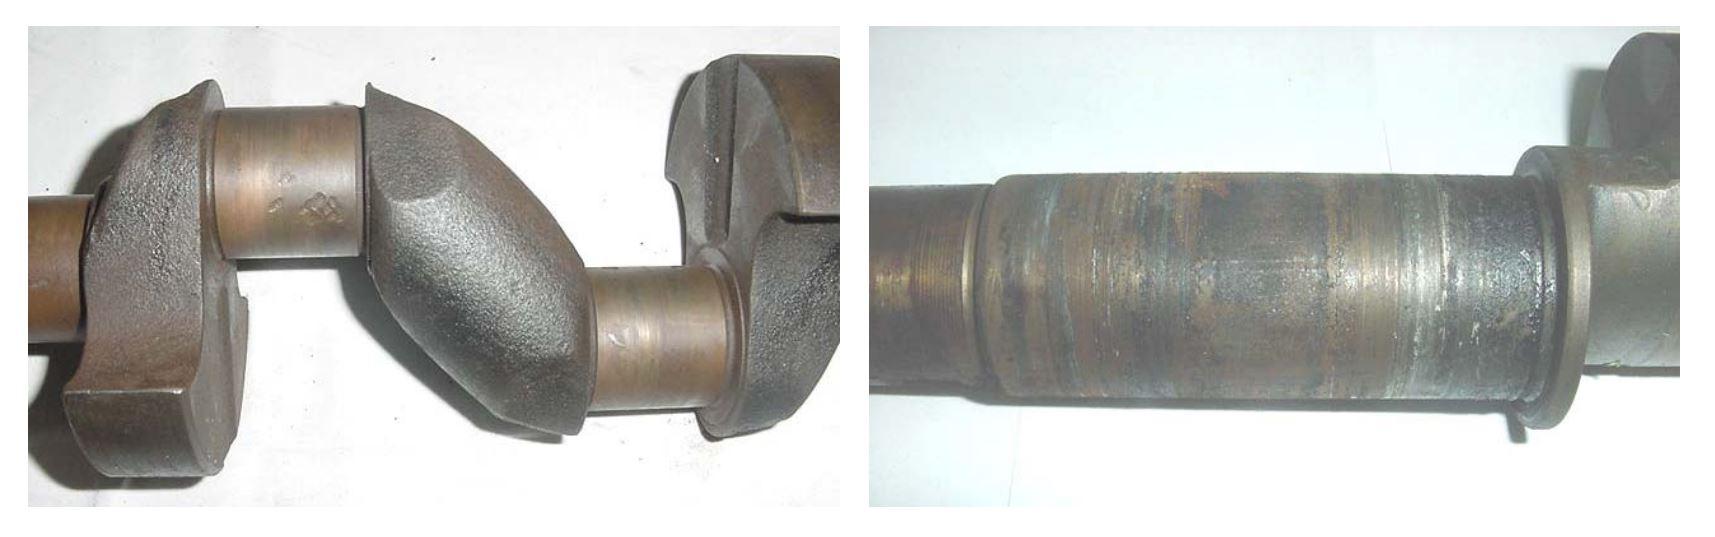 Compresores 2 - 5 Cigüeñales quemado y rayado